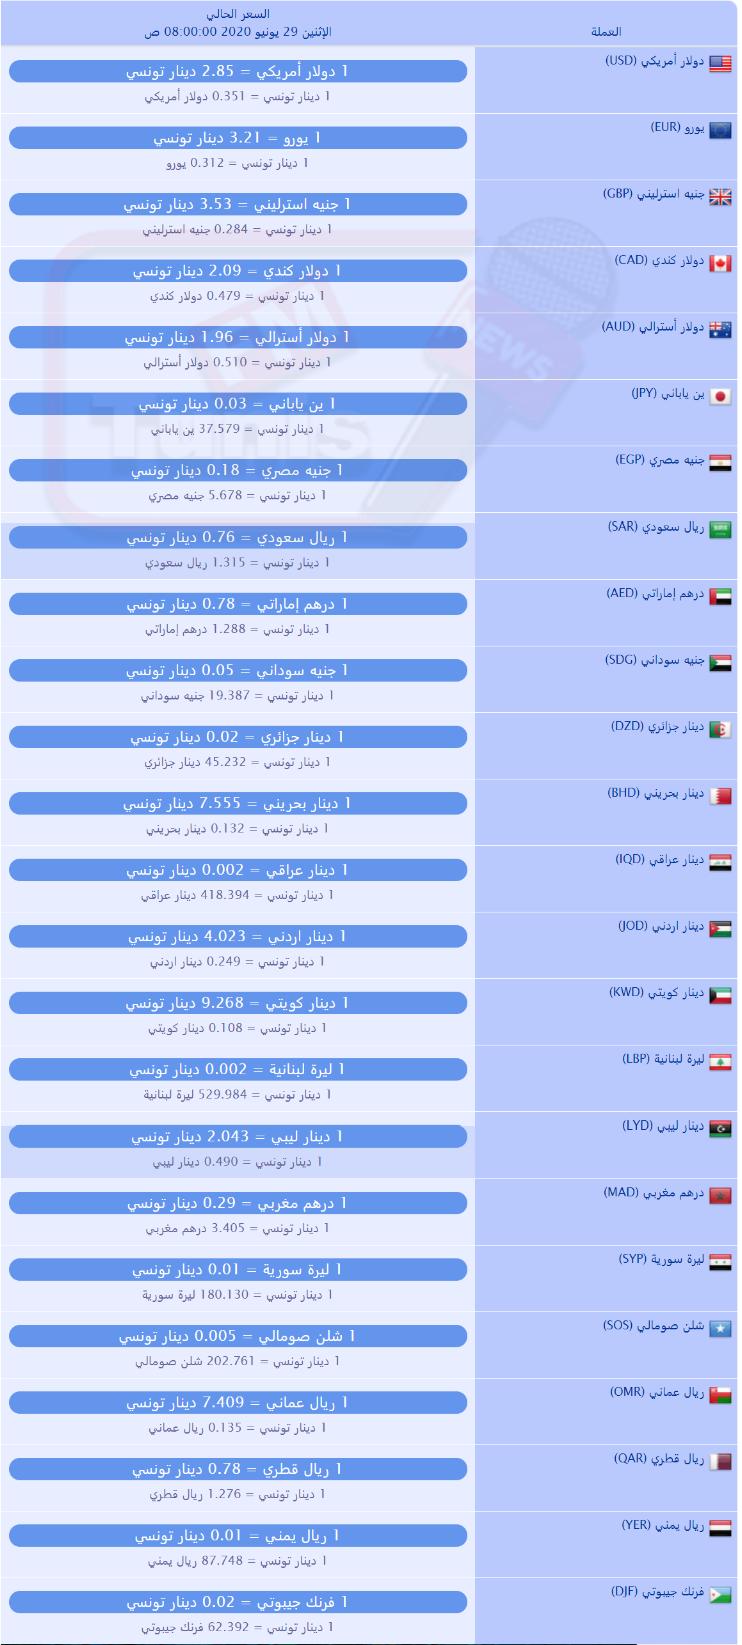 سعر صرف العملات بالدينار التونسي لهذا اليوم